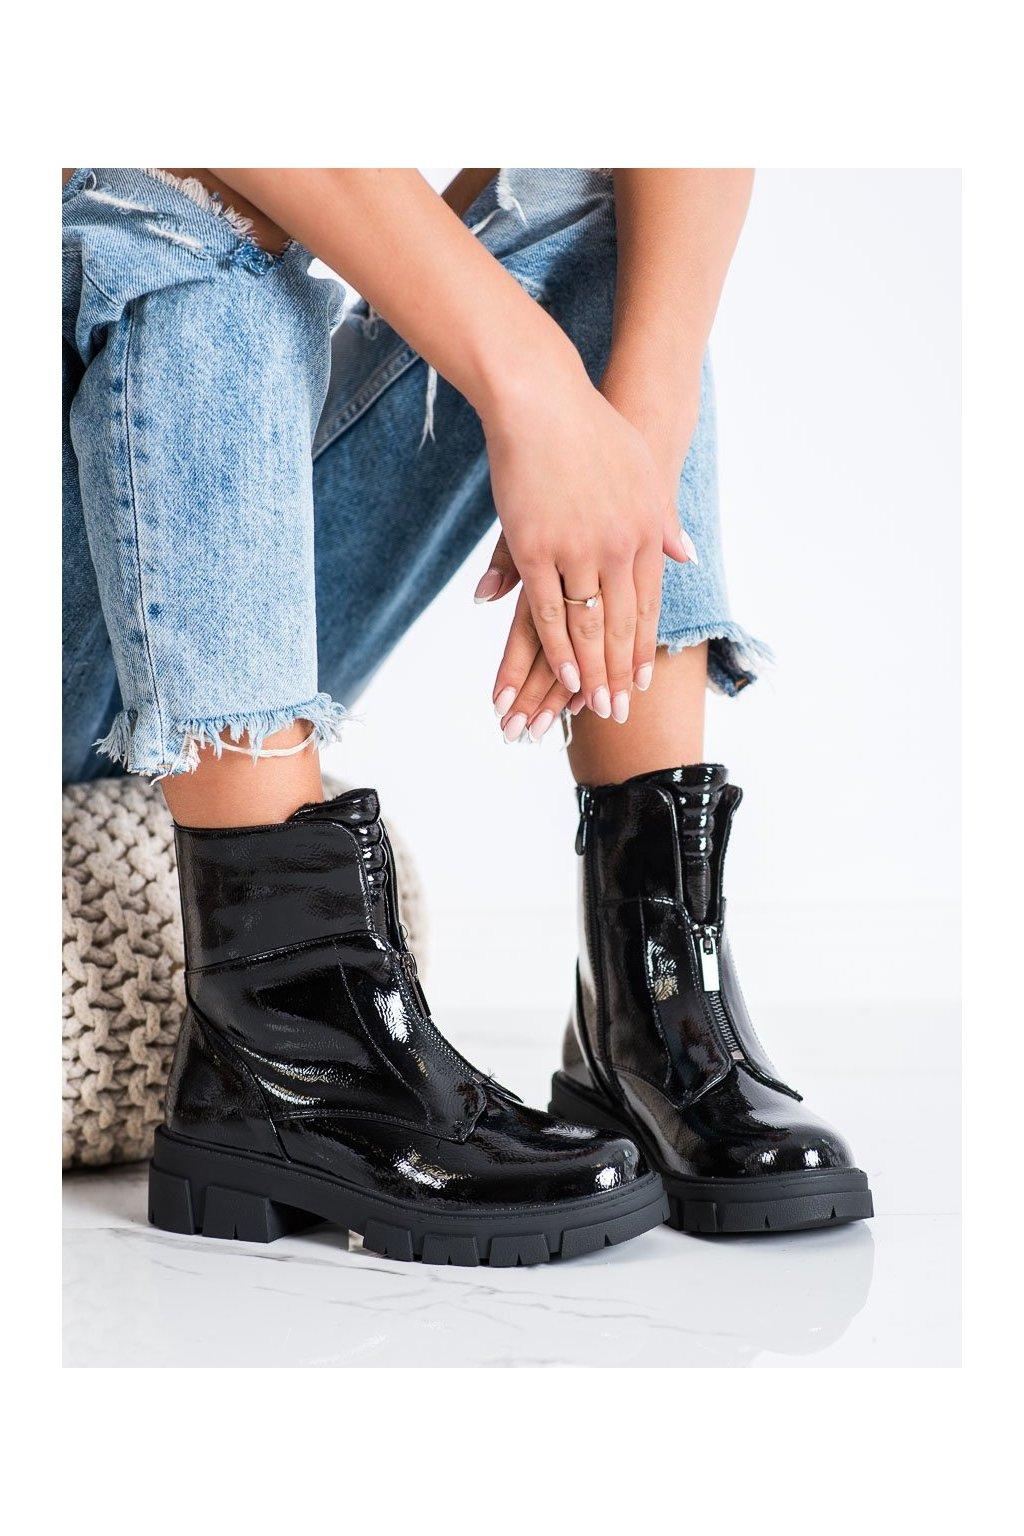 Čierne dámske topánky S. barski kod 223-88B